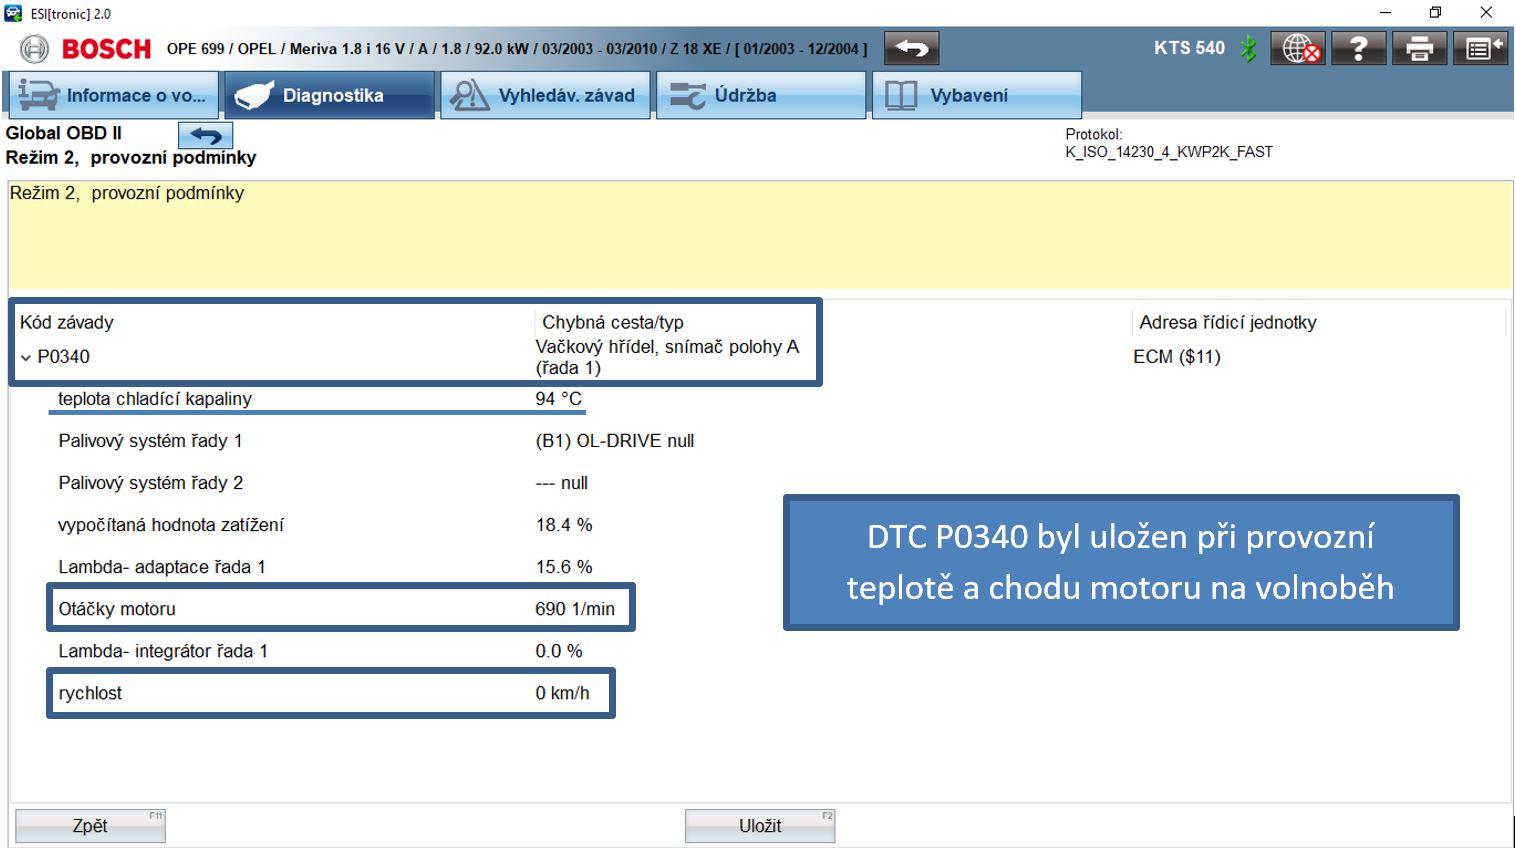 Obr-3_Zmrazené_hodnoty_při_uložení_DTC